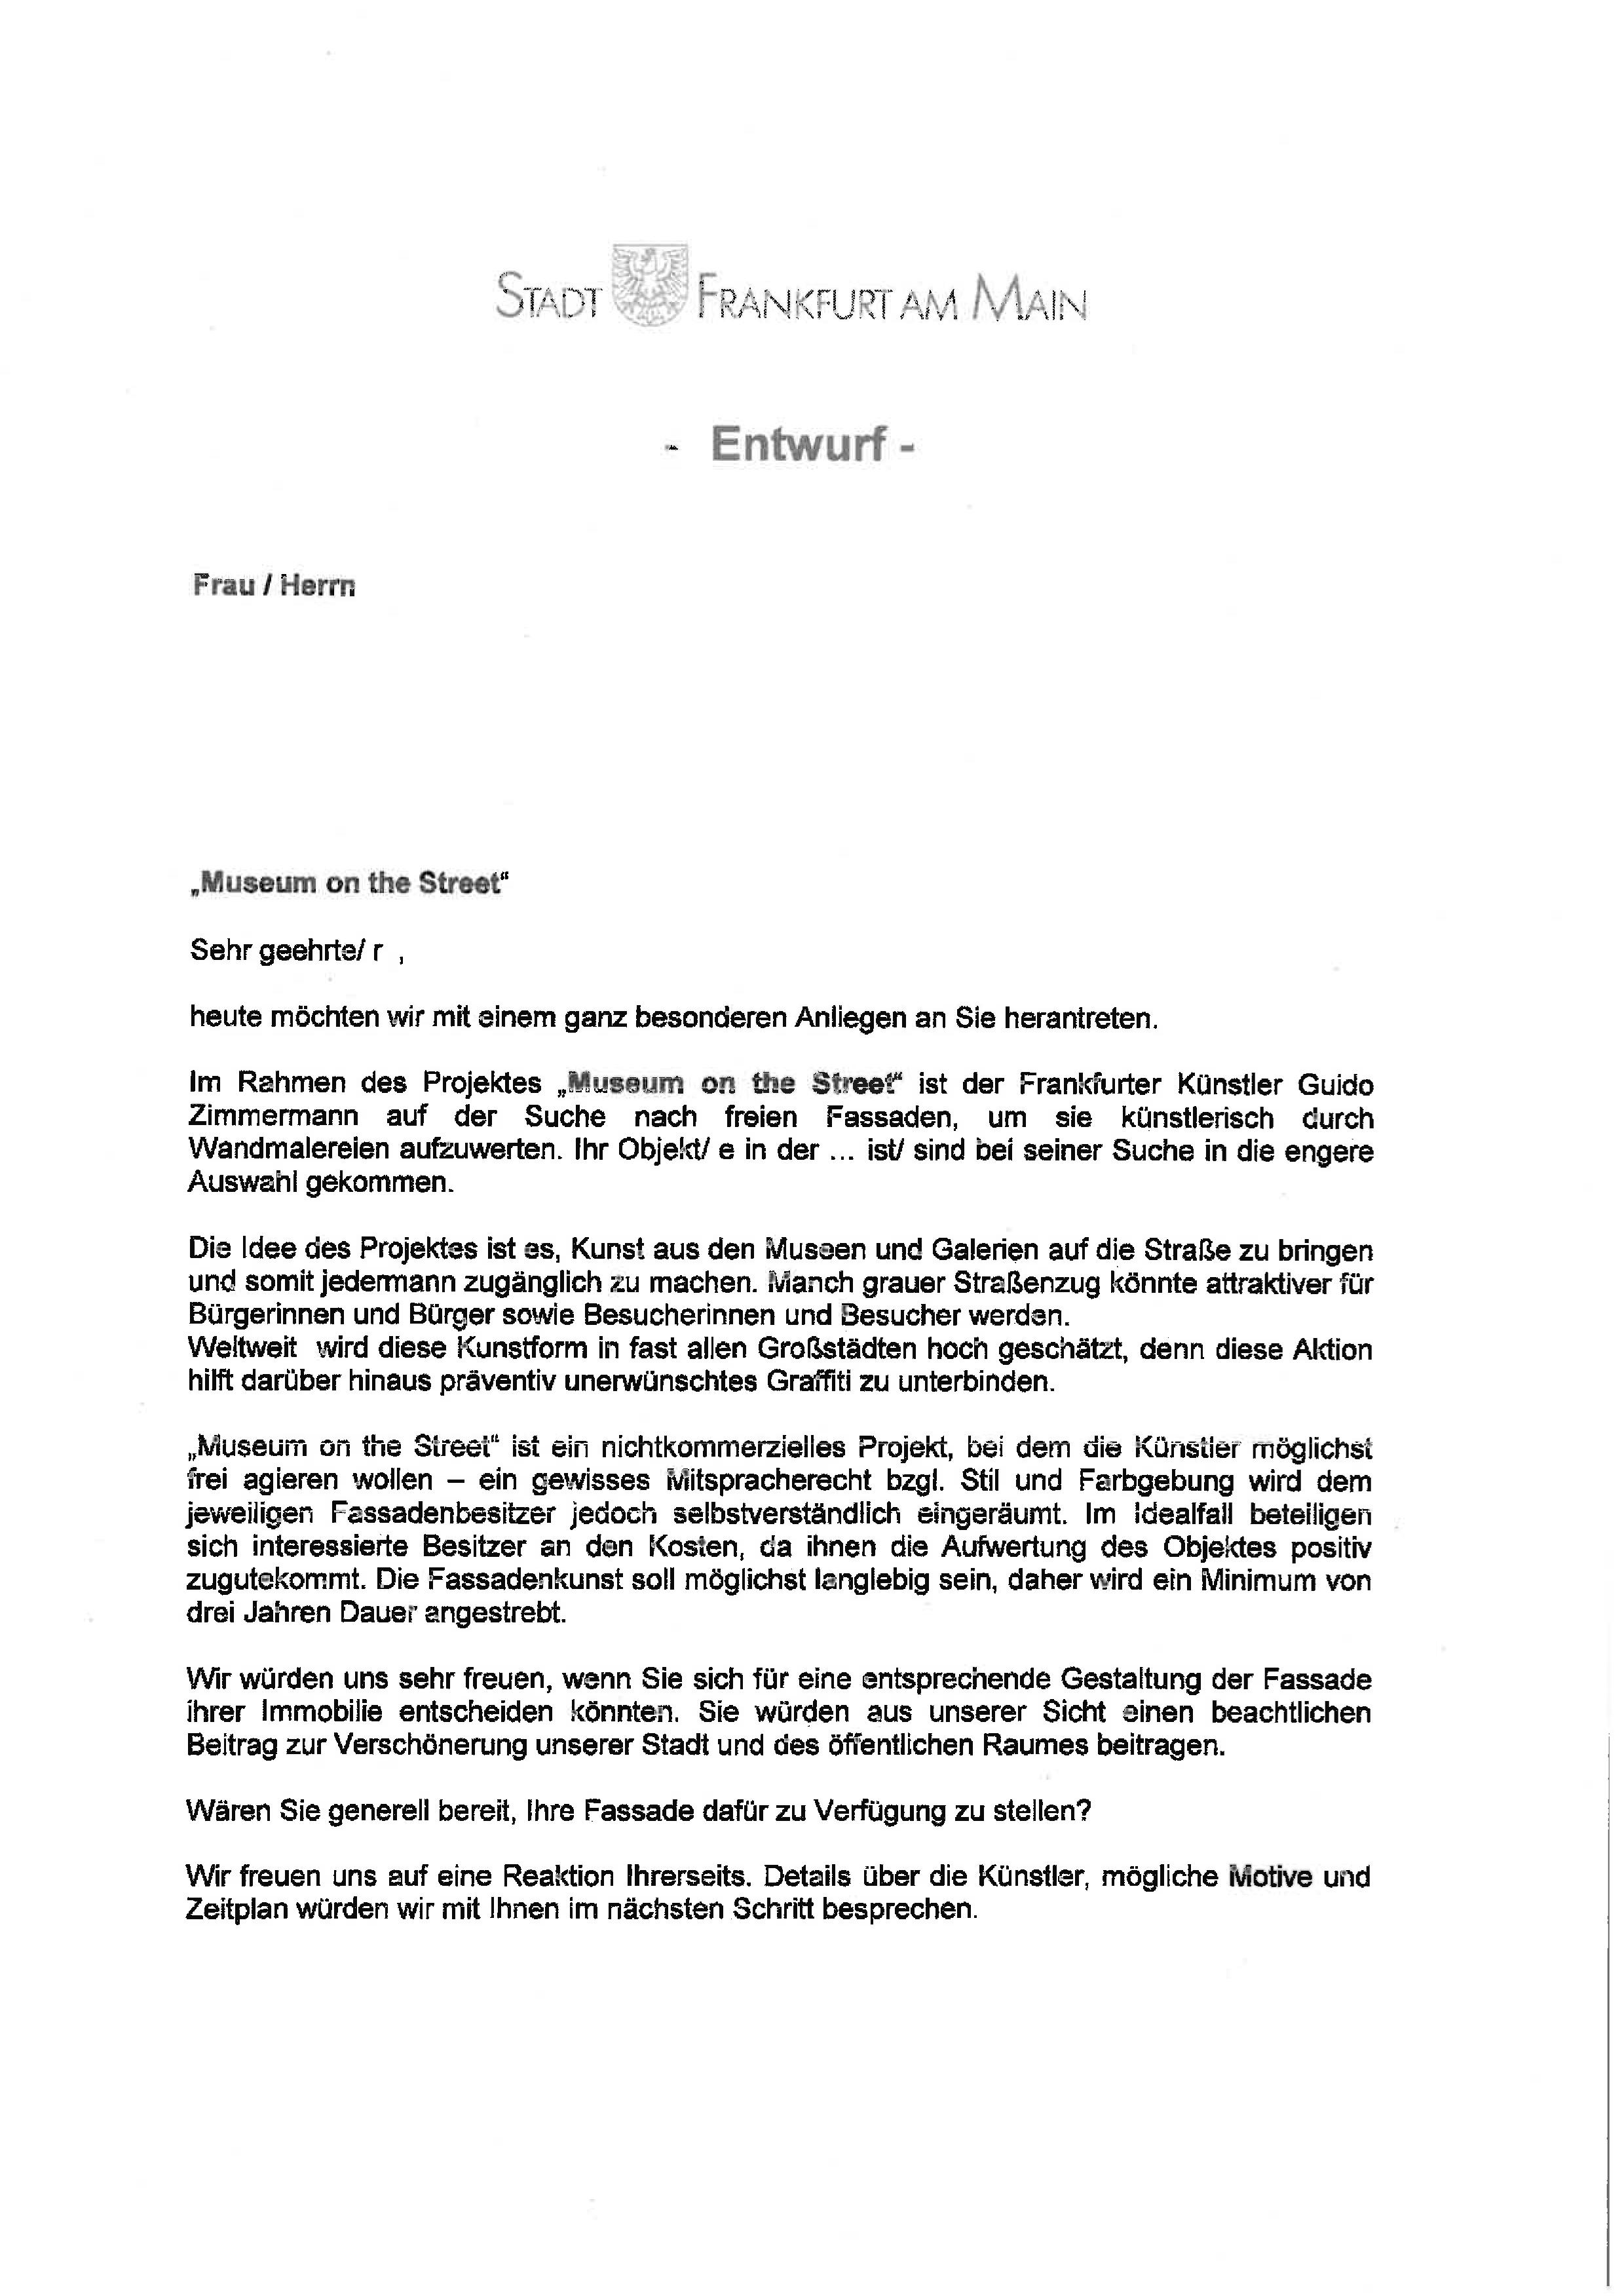 Der Offizielle Brief Von Der Stadt Frankfurt An Die Fassadenbesitzer